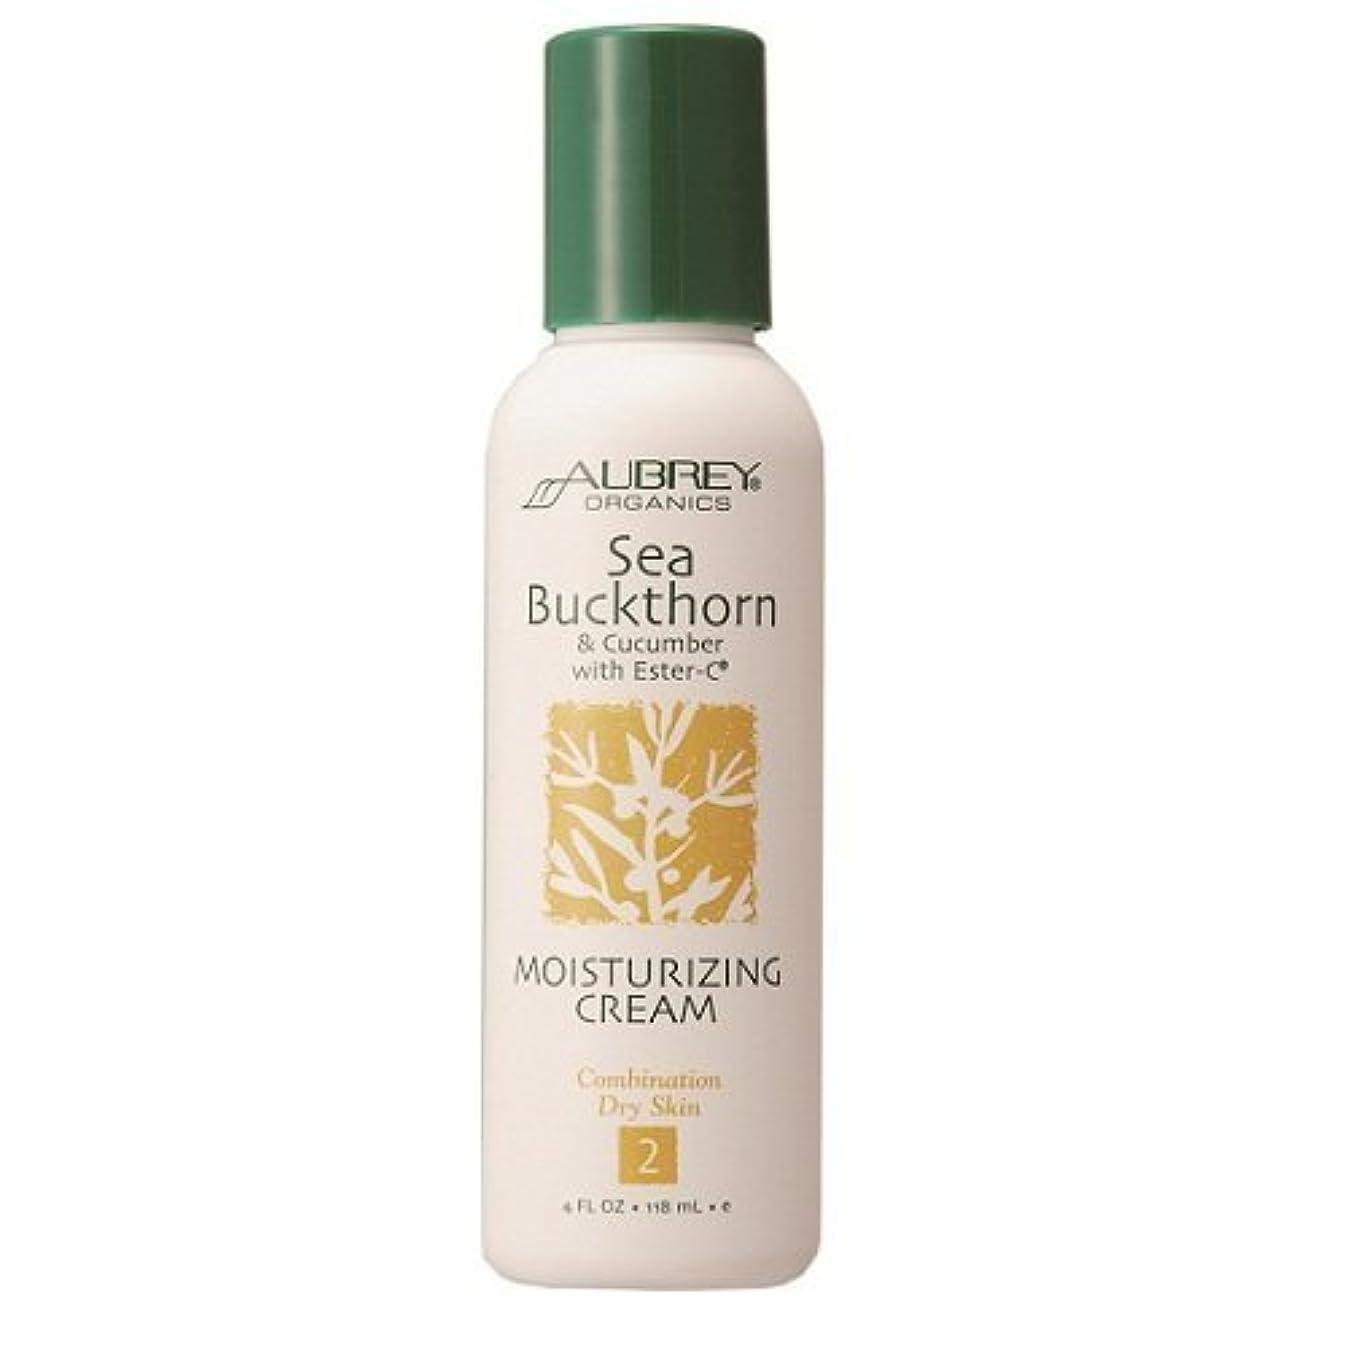 航海の提唱する人気のAubrey Organics Sea Buckthorn & Cucumber with Ester-C Moisturizing Cream, 4-Ounce Bottle